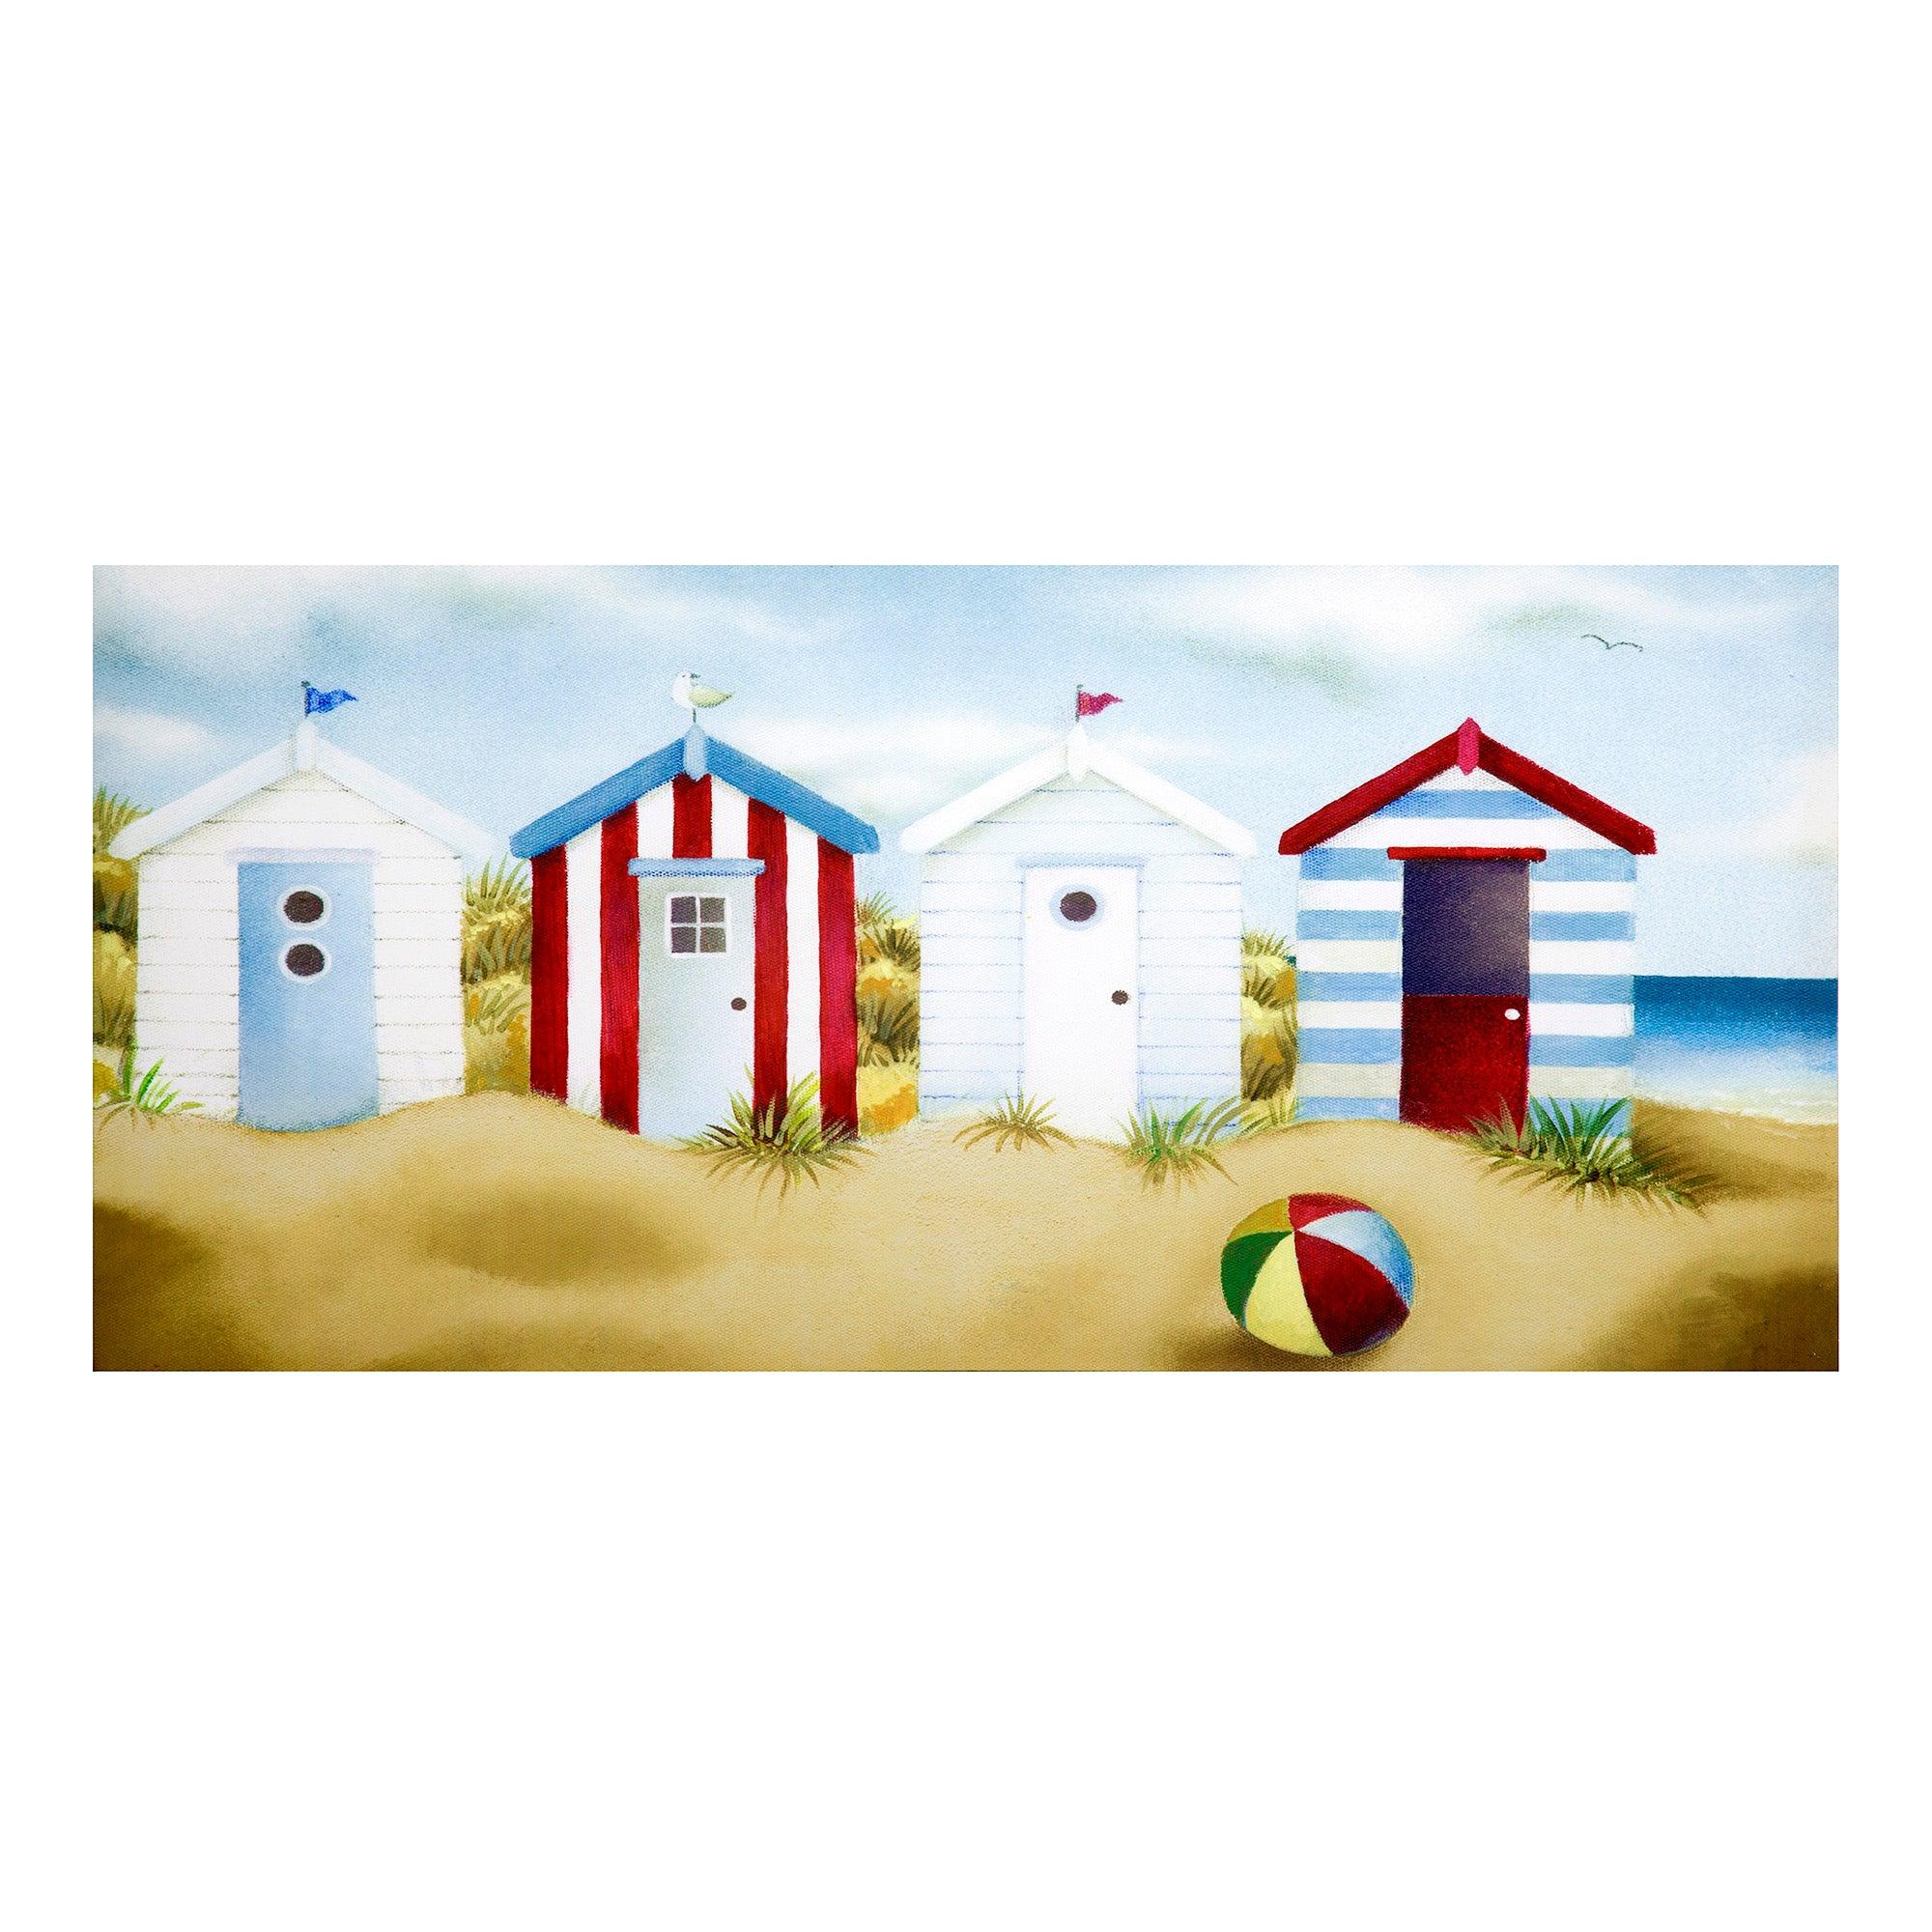 Beach Huts Printed Canvas